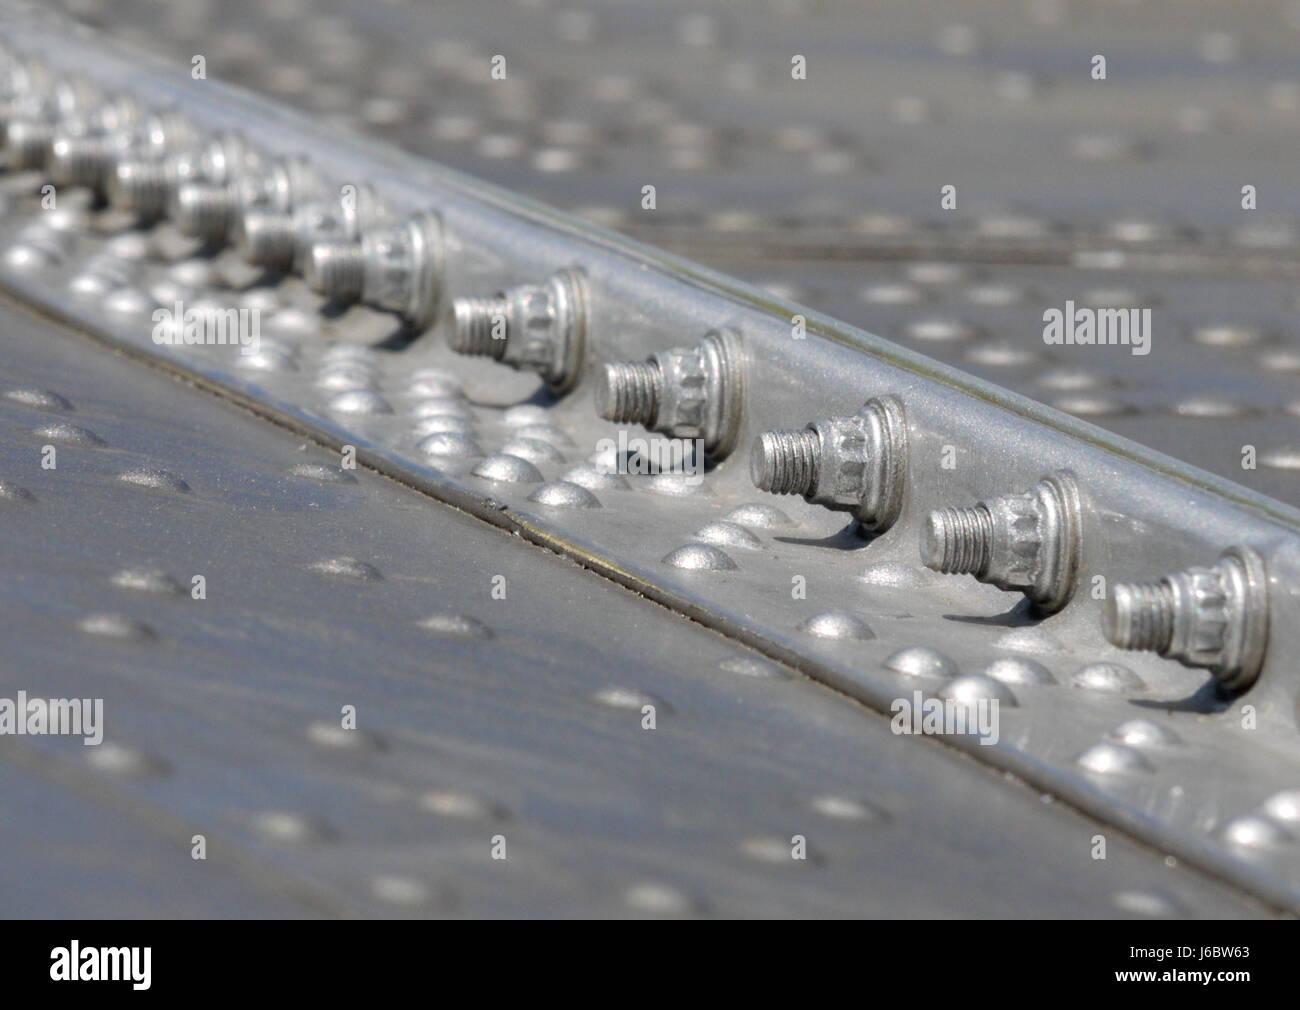 Aluminium Aircraft Wing Stock Photos & Aluminium Aircraft Wing Stock